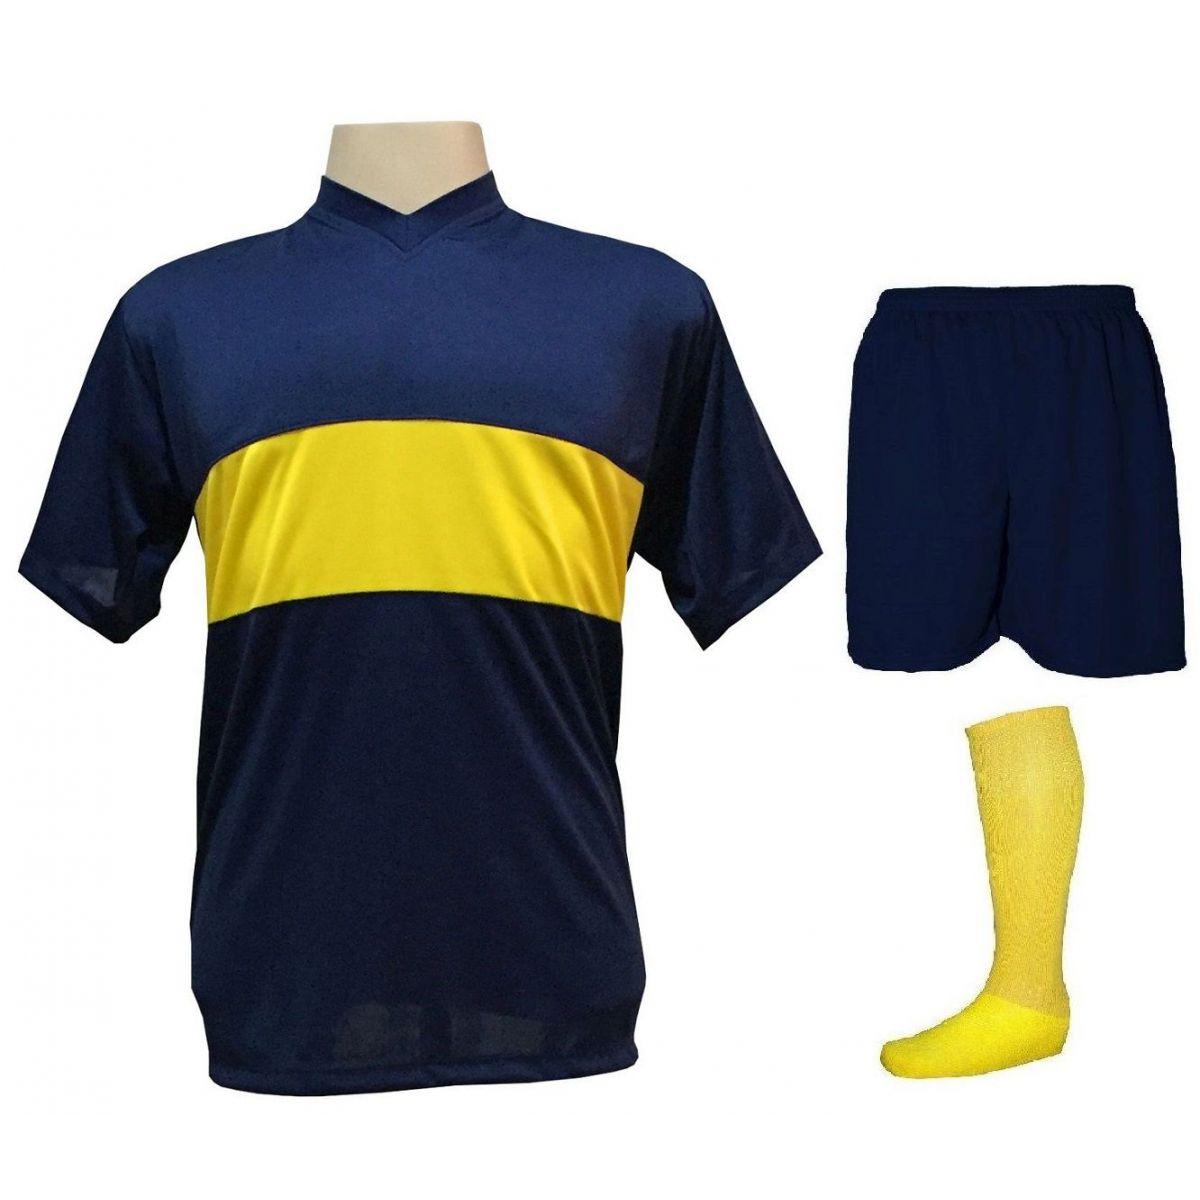 Uniforme Esportivo com 14 camisas modelo Boca Juniors Marinho/Amarelo + 14 calções modelo Madrid Marinho + 14 pares de meiões Amarelo